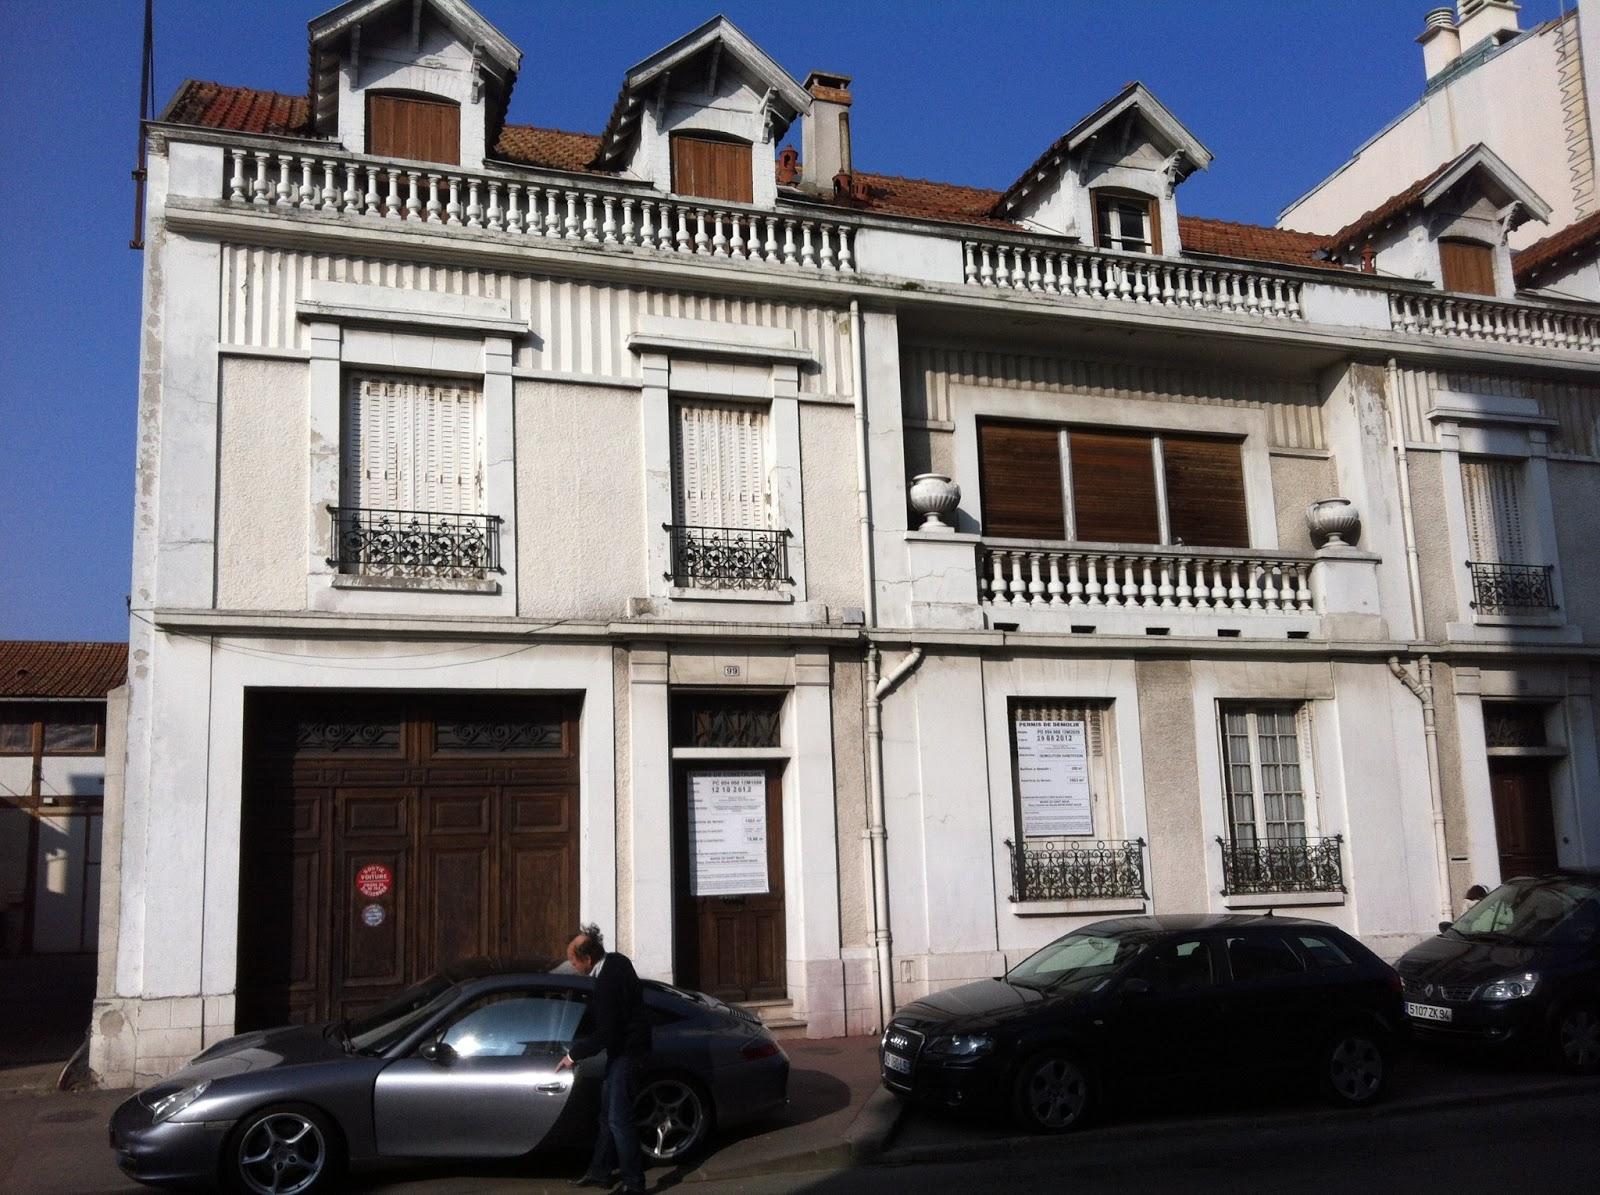 Zac des facultes gare saint maur creteil patrimoine et urbanisme for Comboulevard de creteil saint maur